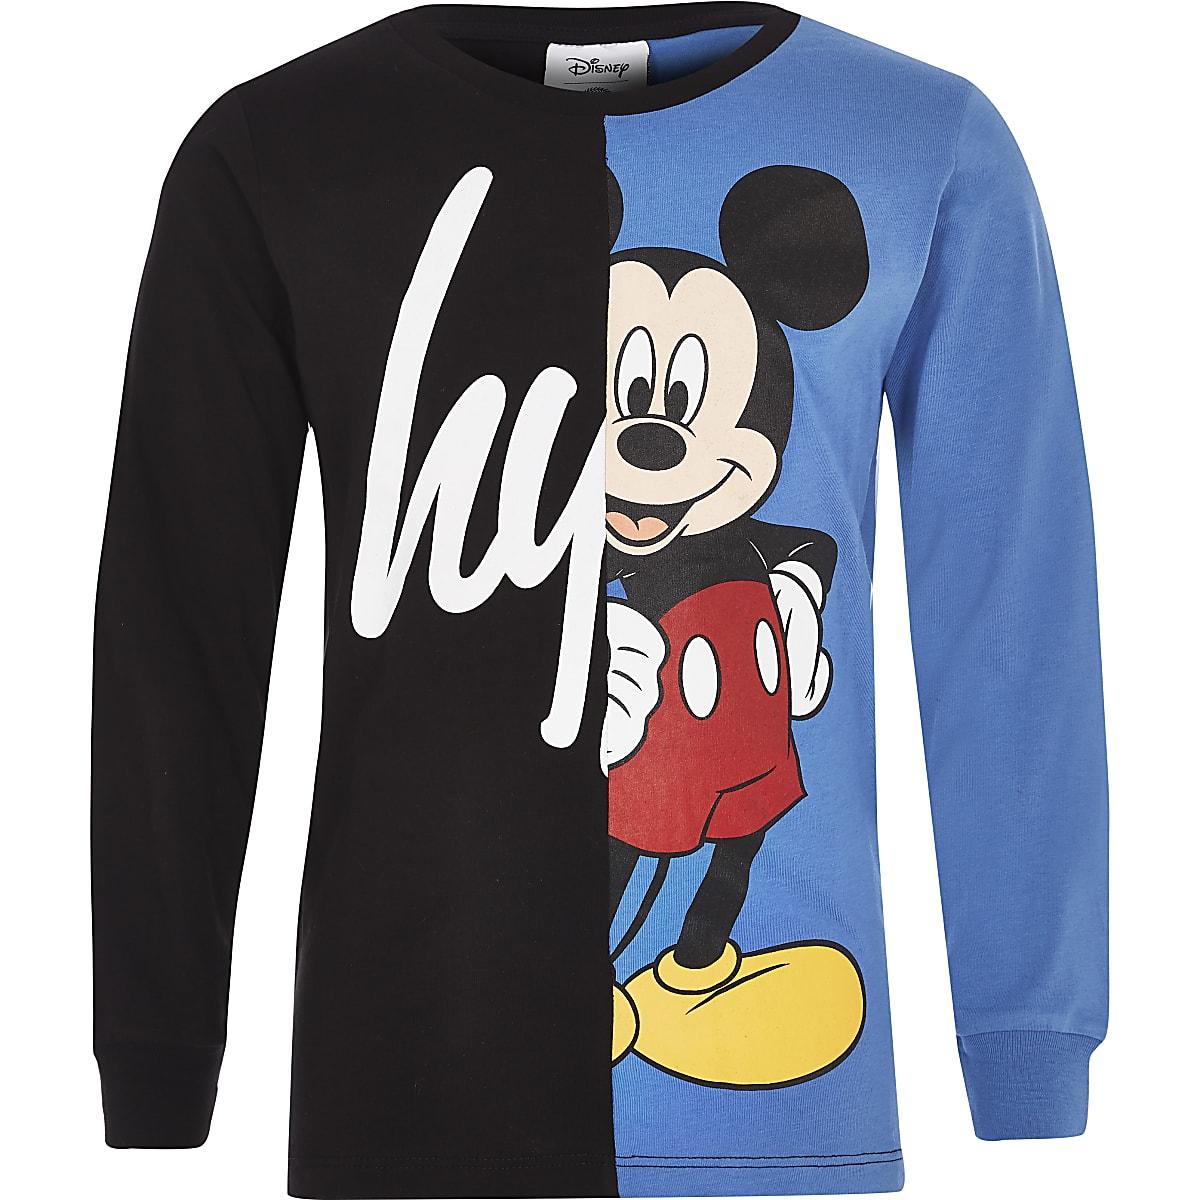 Hype - Zwart T-shirt met Disney-print en split